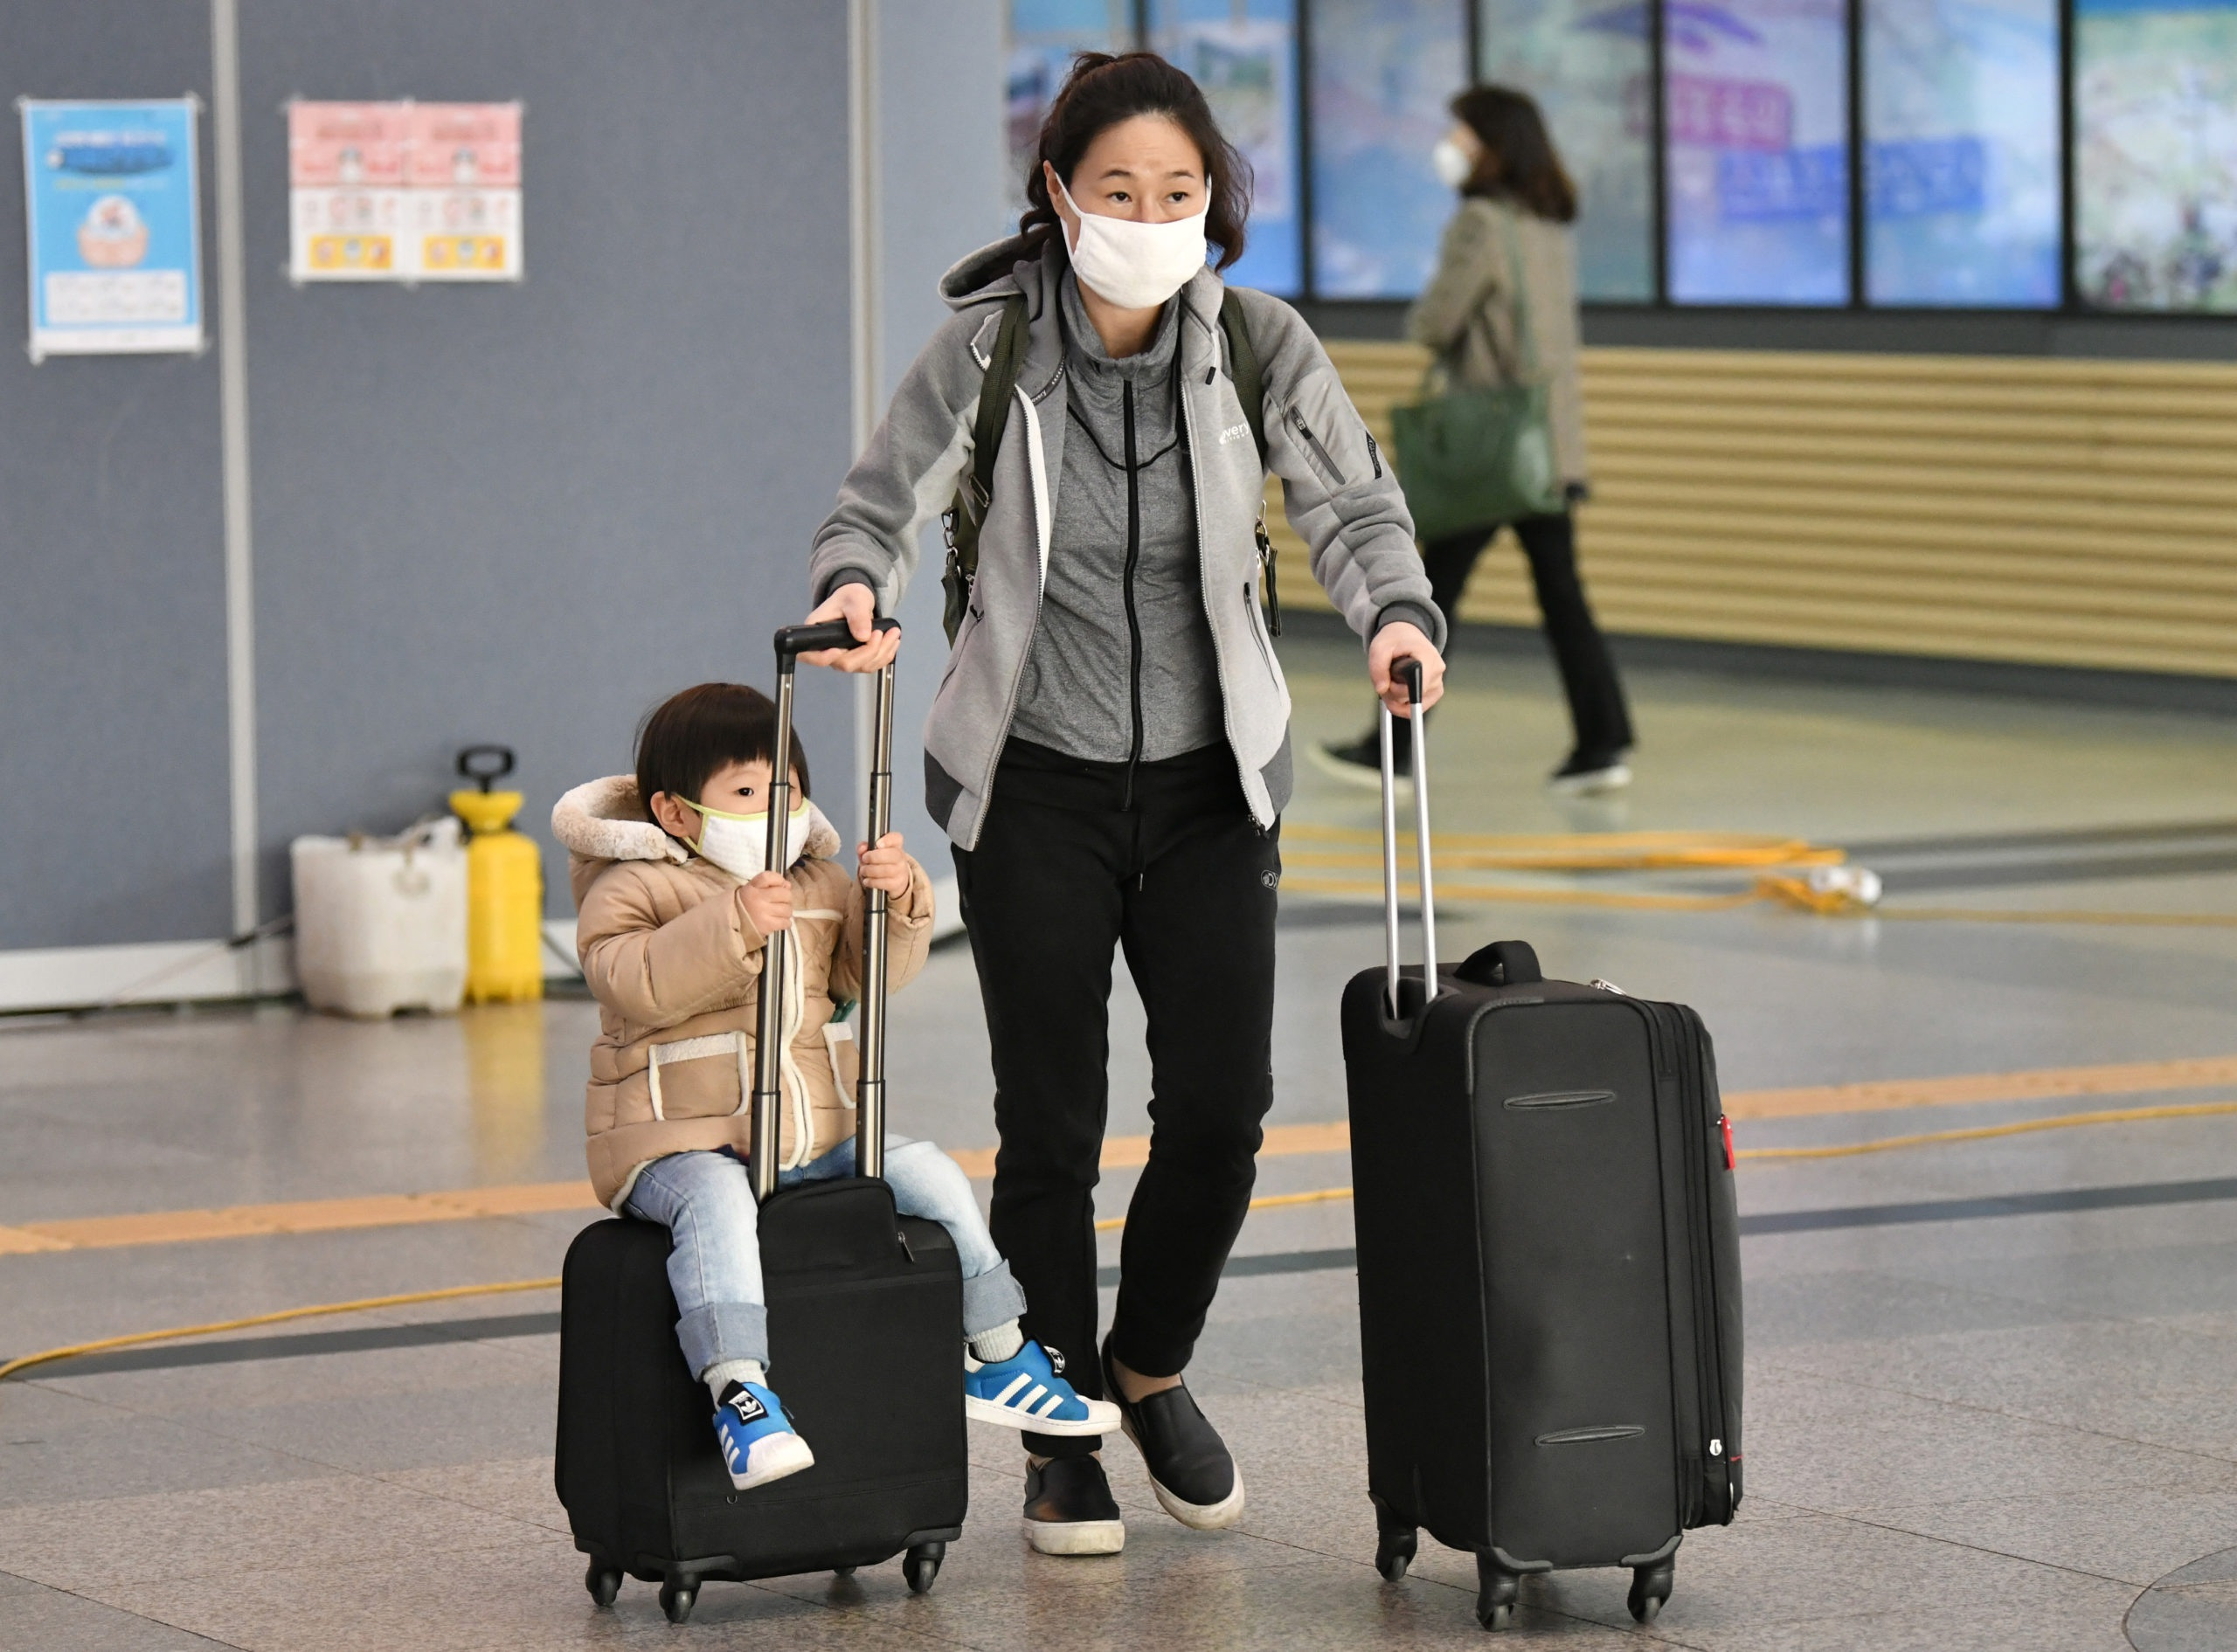 Hơn 50 quốc gia, vùng lãnh thổ hạn chế nhập cảnh với người đến từ Hàn Quốc